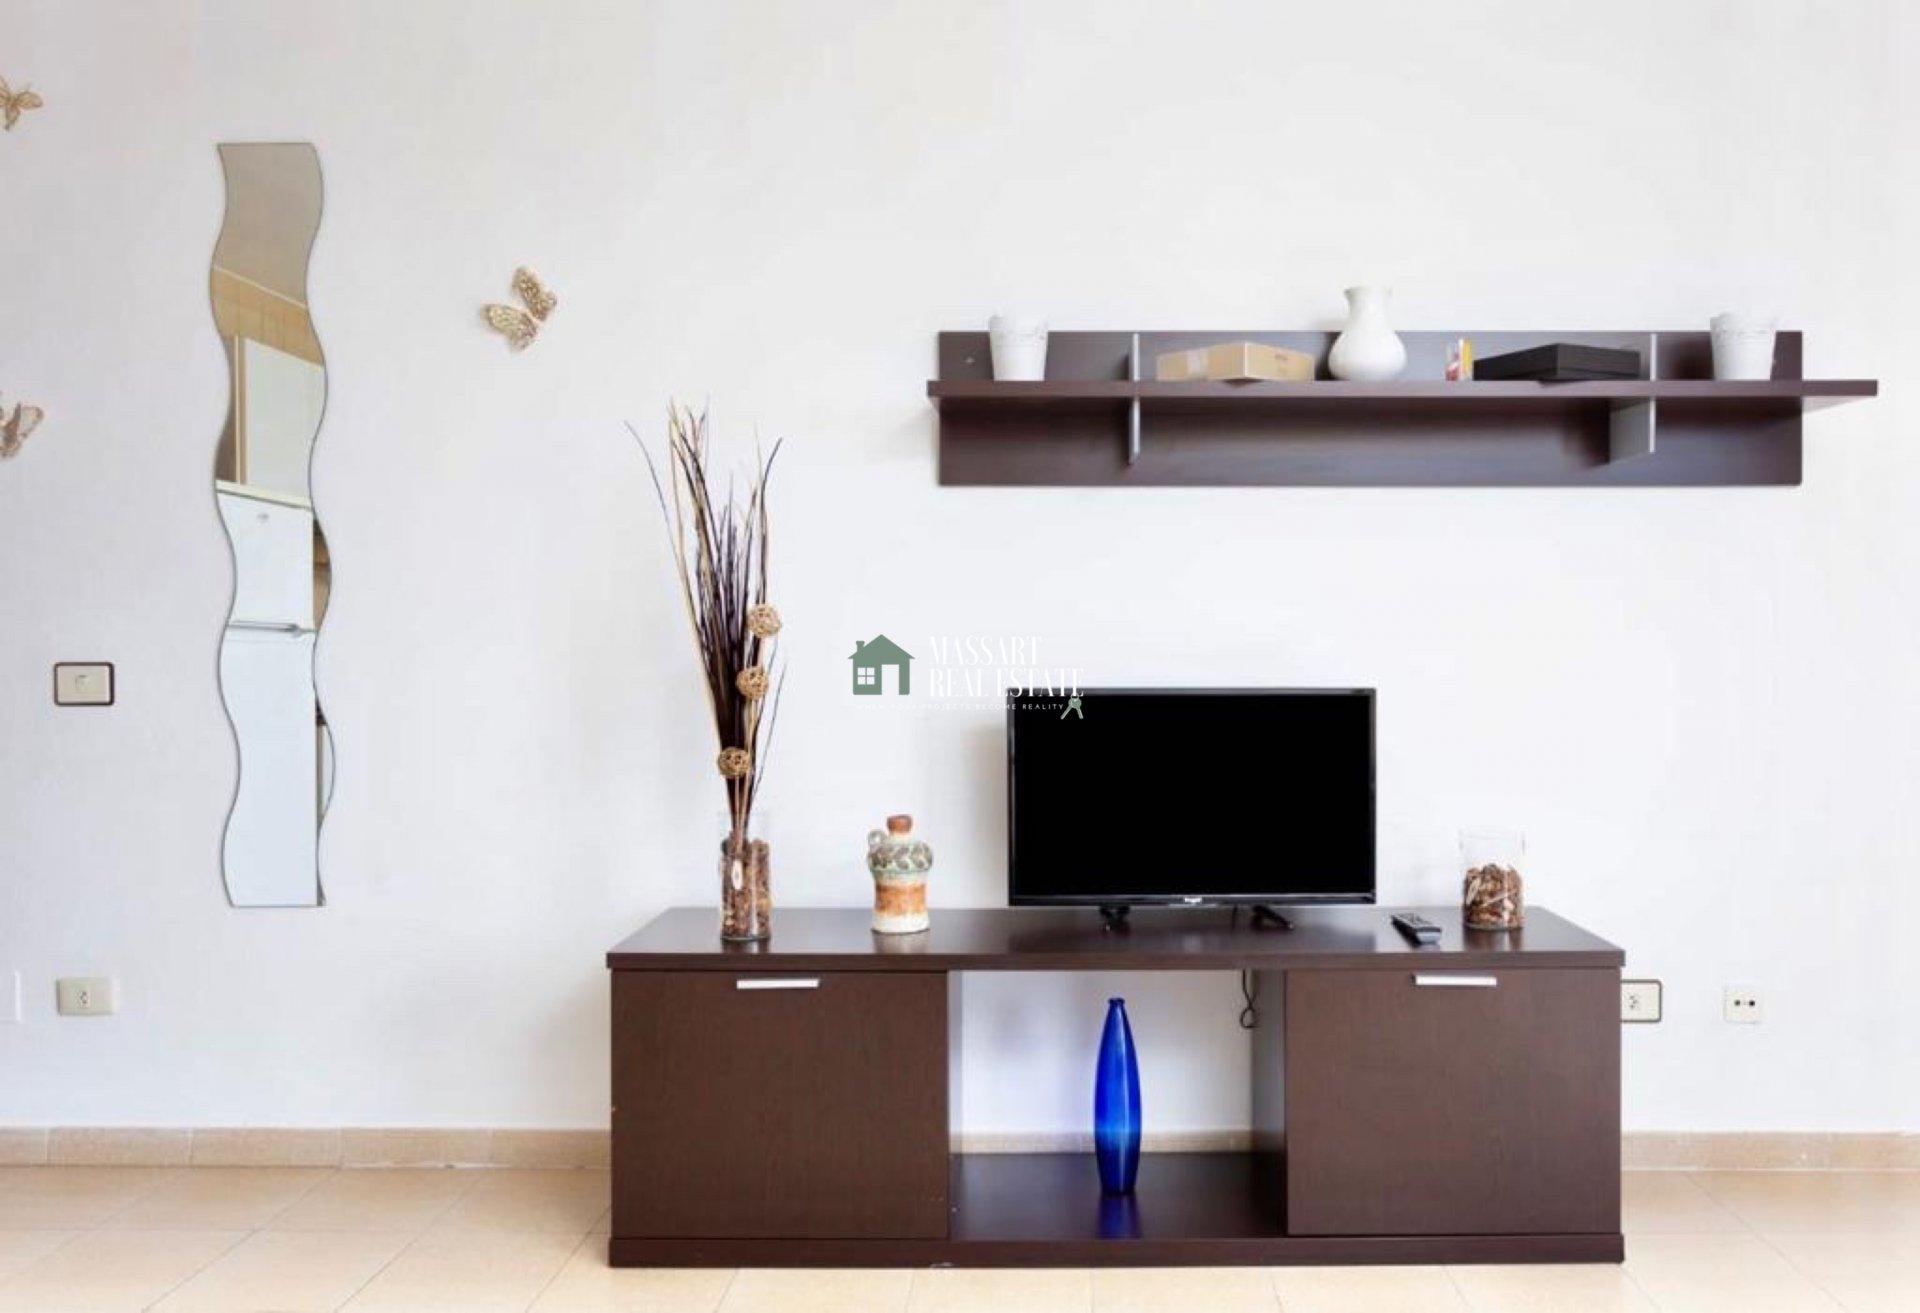 Komplett möblierte moderne Wohnung in sehr gutem Zustand in der Wohnanlage Las Bouganvillas in Torviscas Alto (Adeje).